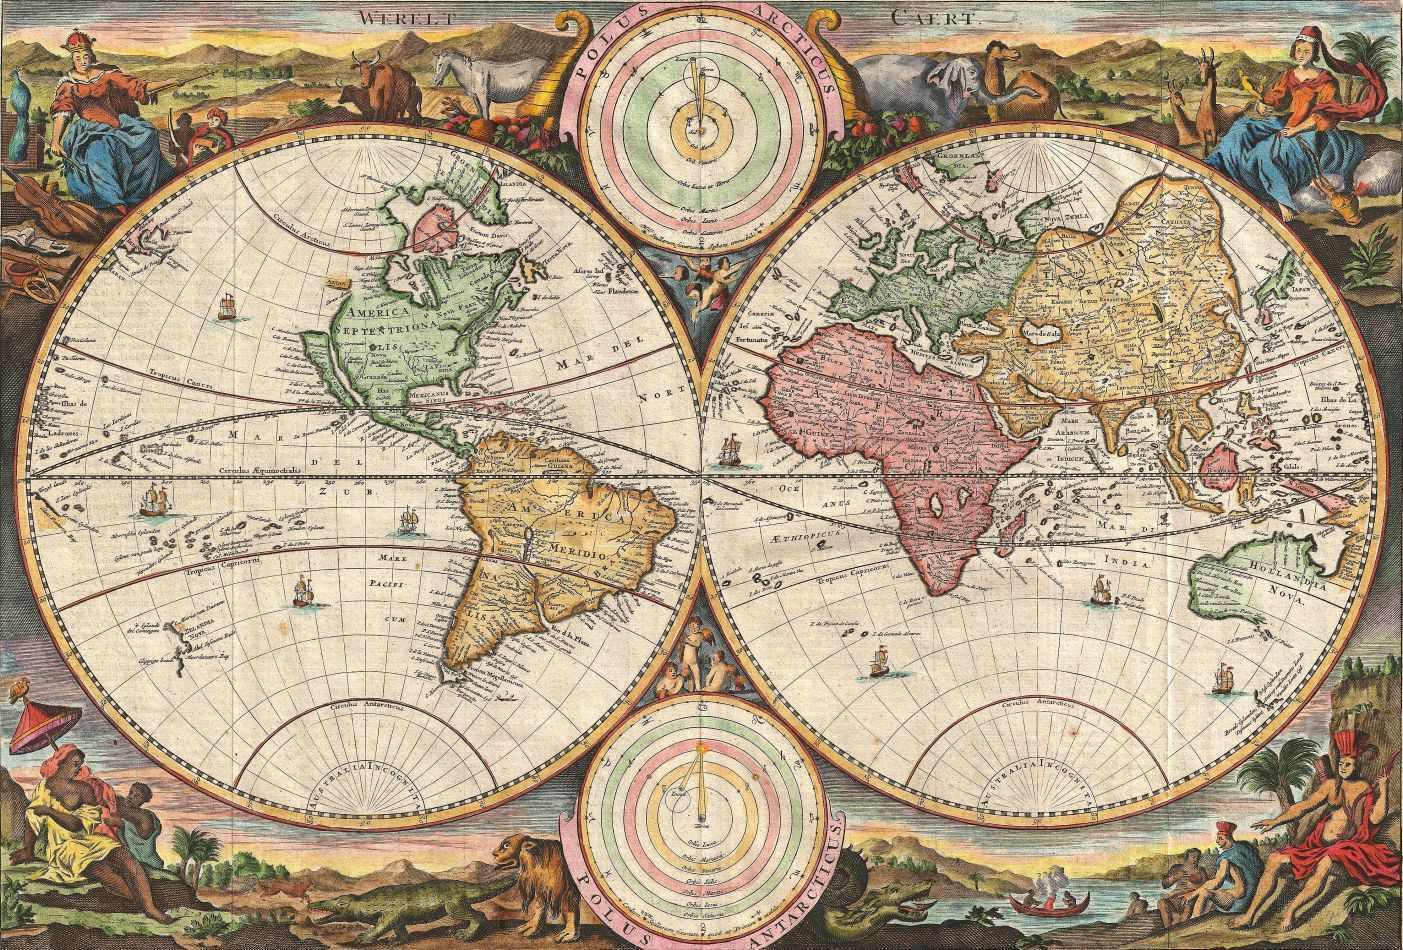 mapa do mundo antigo Mapa Mundi Antigo 1731 | Tela para Quadro | Decoração mapa do mundo antigo